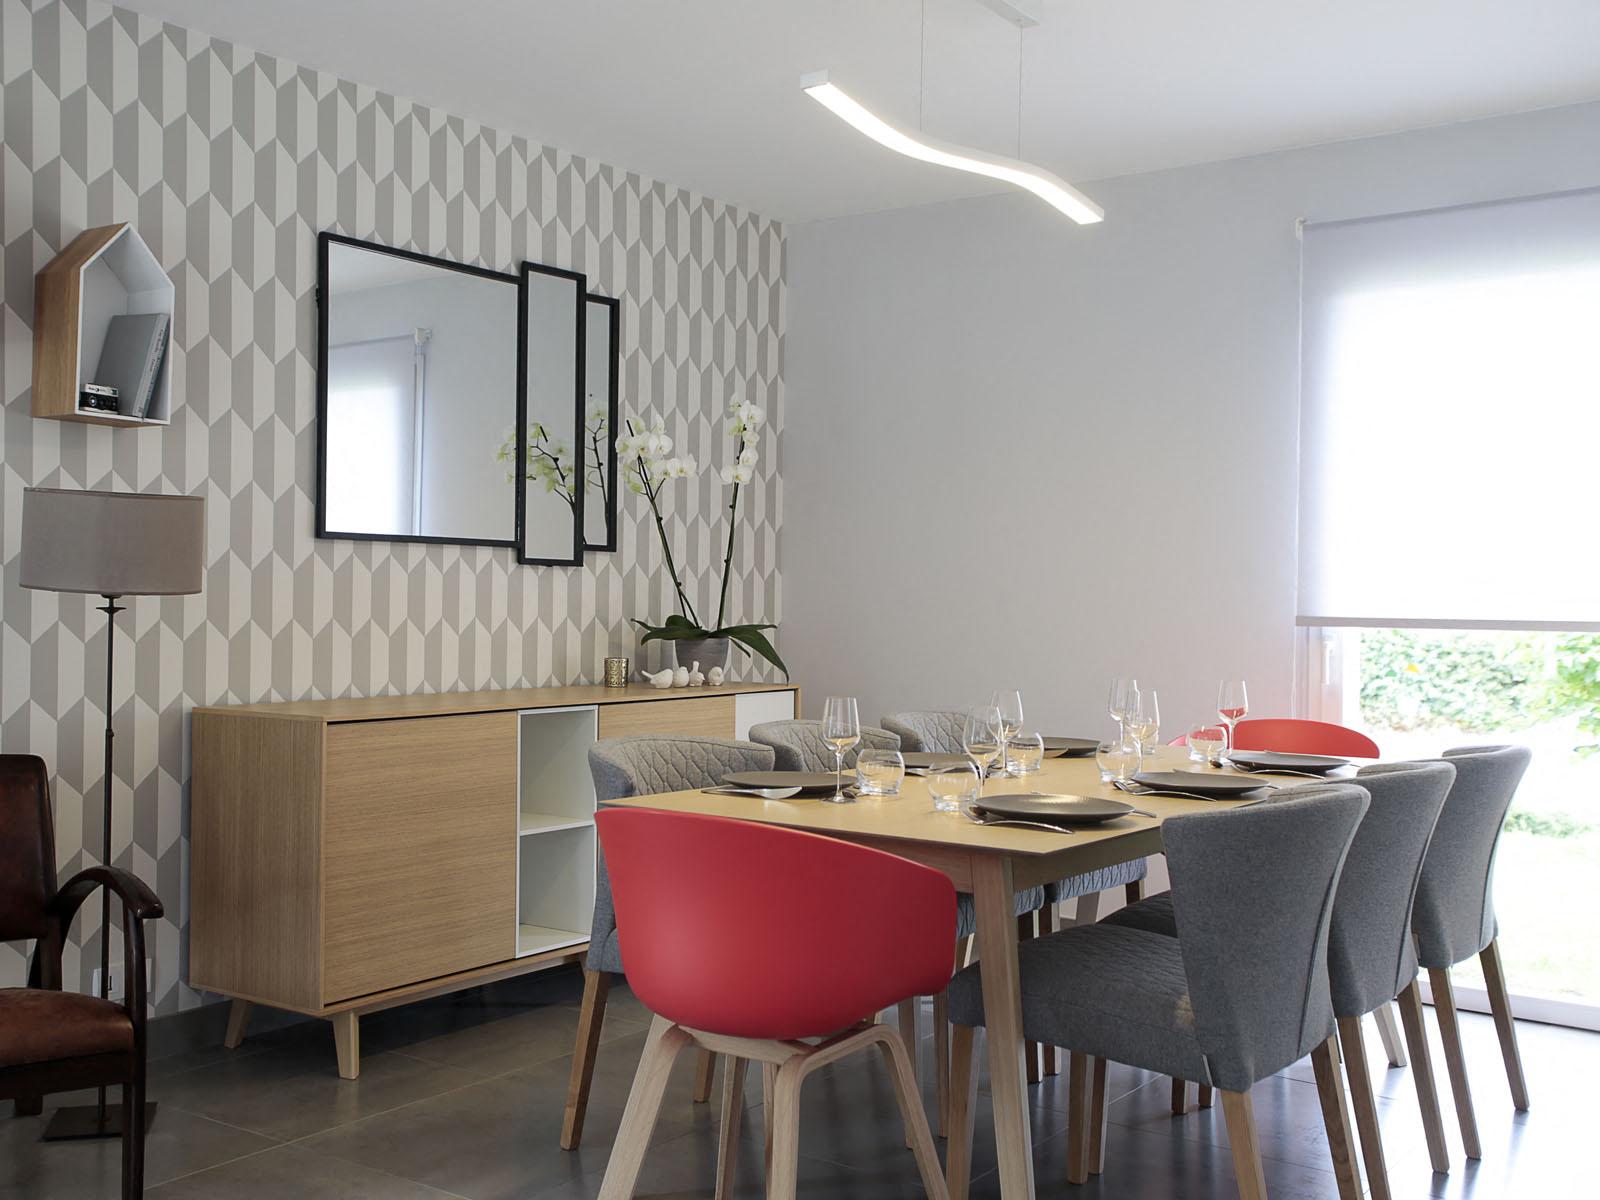 d coration d 39 une pi ce de vie arty et scandinave saint gr goire gw naelle hoyet d coratrice. Black Bedroom Furniture Sets. Home Design Ideas